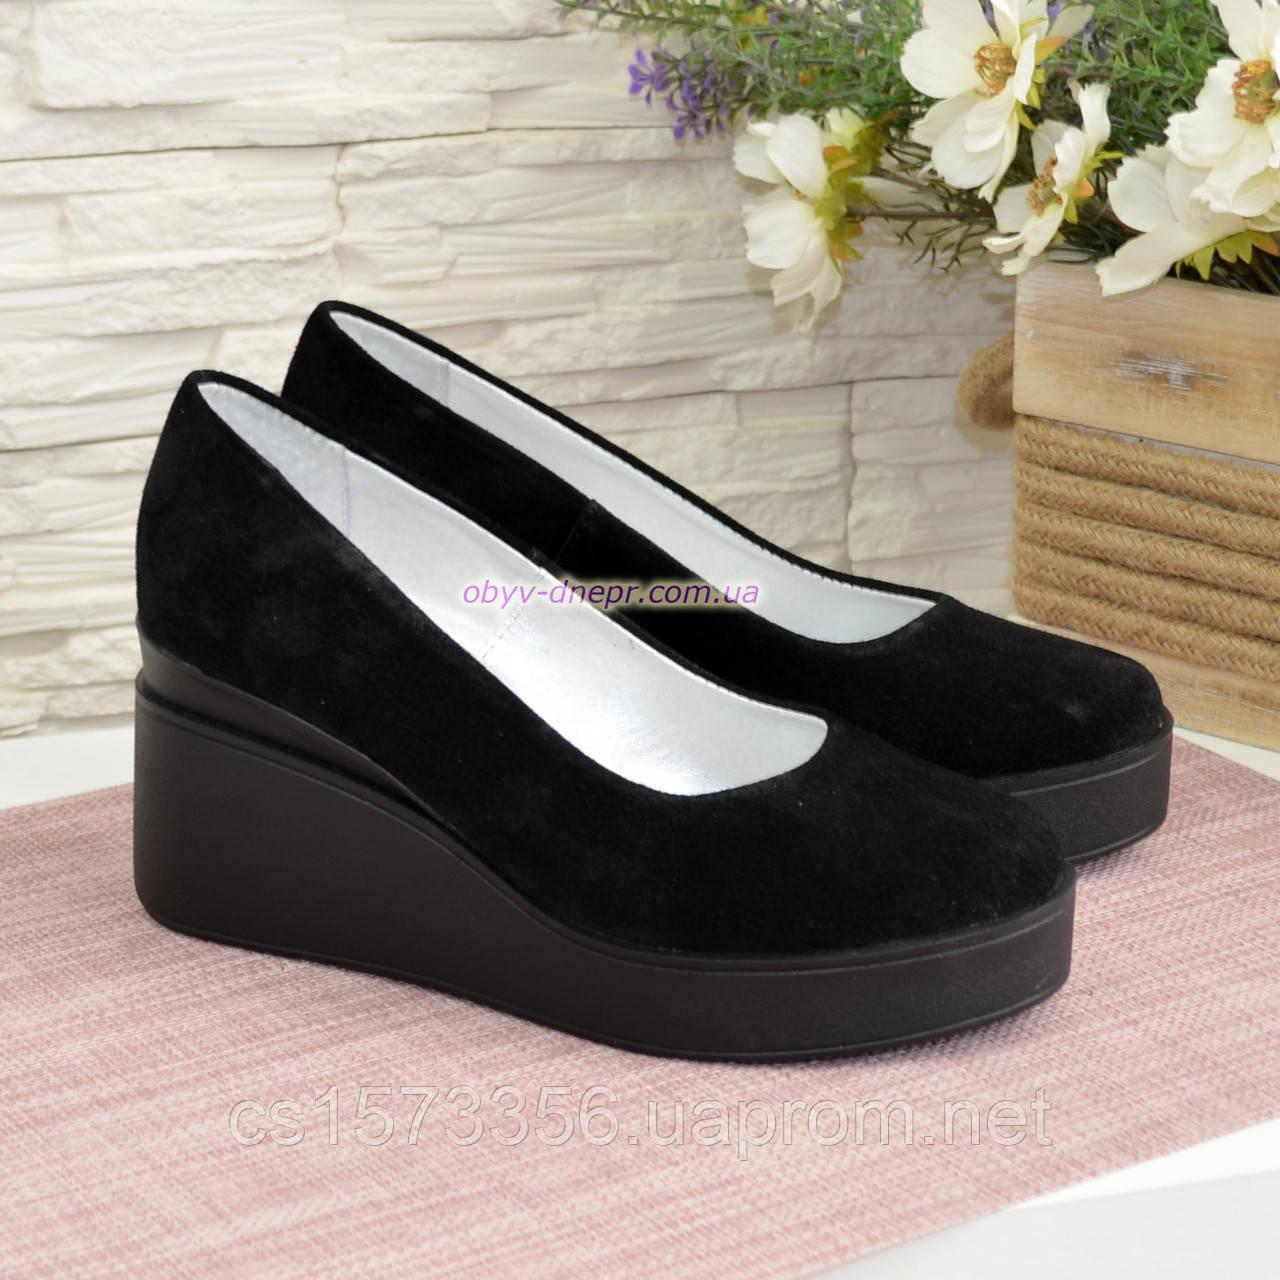 Женские замшевые туфли на устойчивой платформе, цвет черный